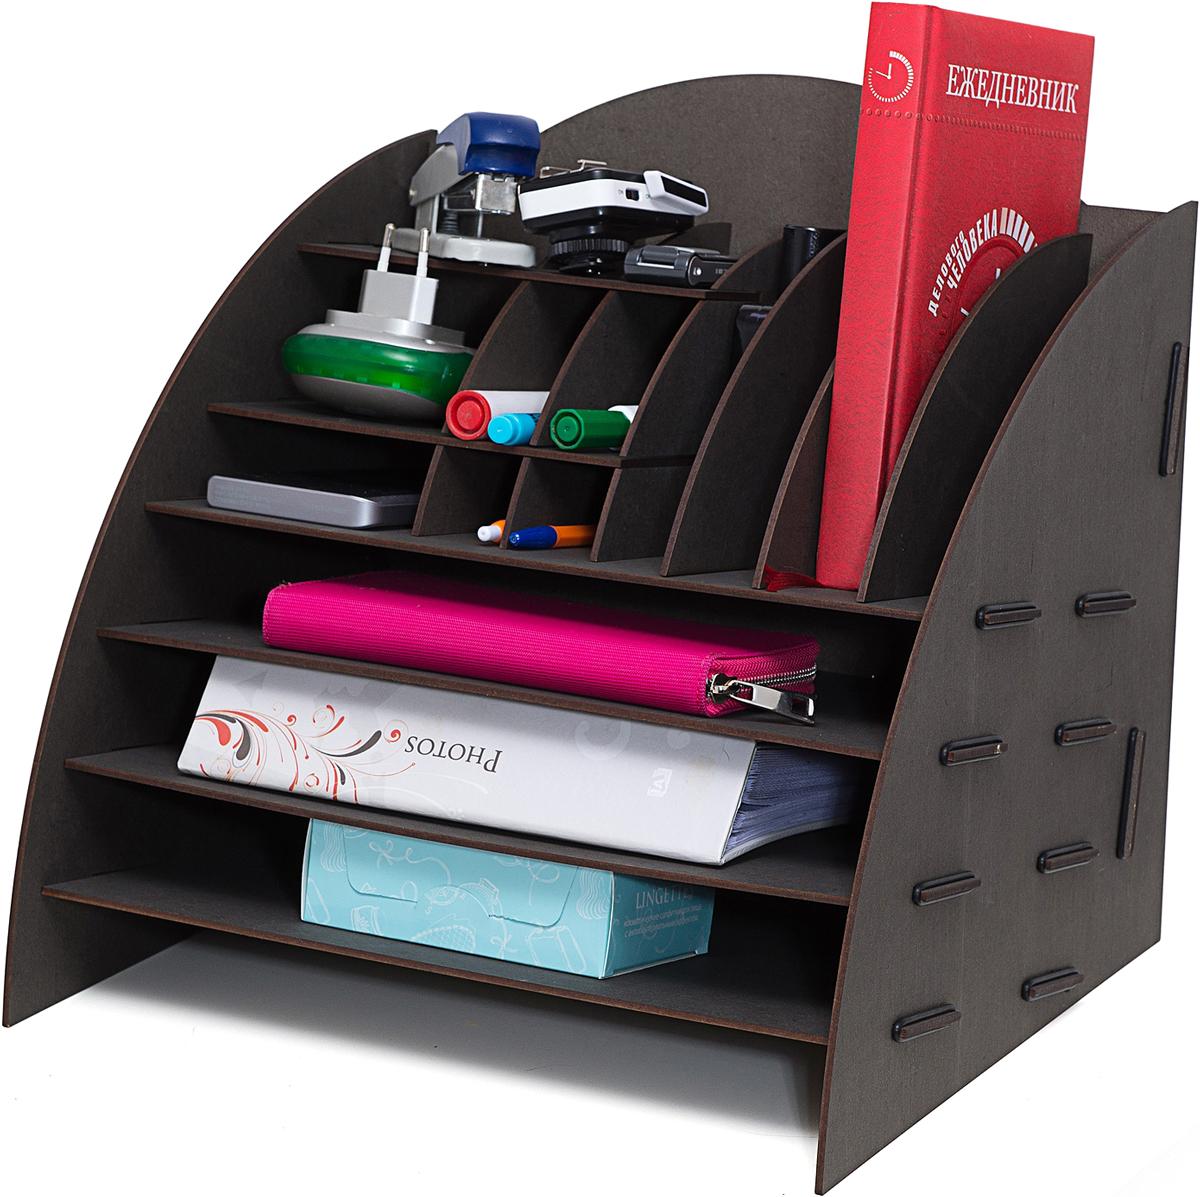 Органайзер на стол Homsu, 16 отделов, 35,5 х 32 х 34 смHOM-743Этот настольный органайзер просто незаменим на рабочем столе, он вместителен, его размеры впечатляют- 34Х32Х33см и в то же время он не занимает много места. Оригинальный дизайн дополнит интерьер дома и разбавит цвет в скучном сером офисе. Он изготовлен из МДФ и легко собирается из съемных частей. Имеет 3 больших отделения для хранения документов и множество ячеек для хранения канцелярских предметов и всяких мелочей. 355x320x340